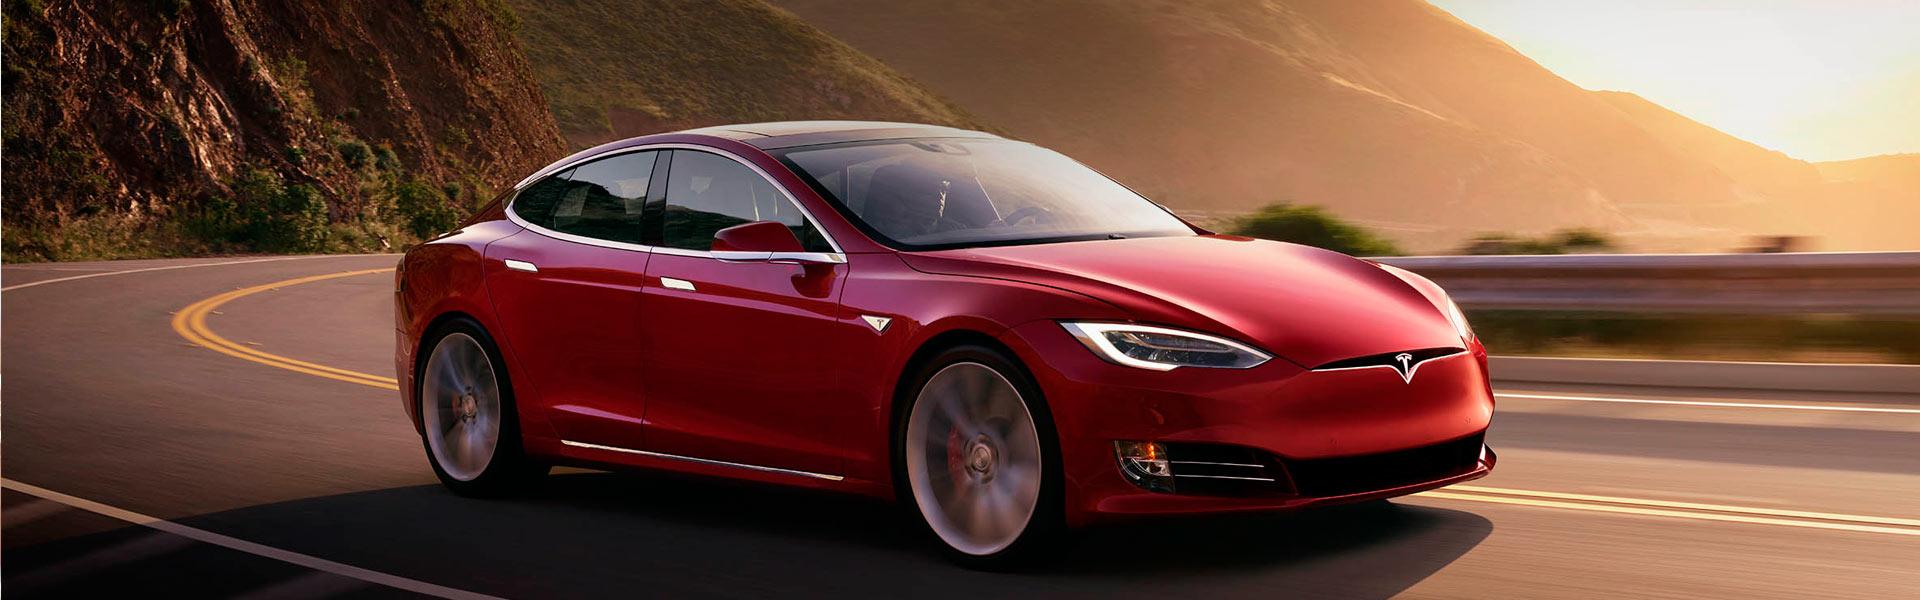 Ремонт турбины Tesla